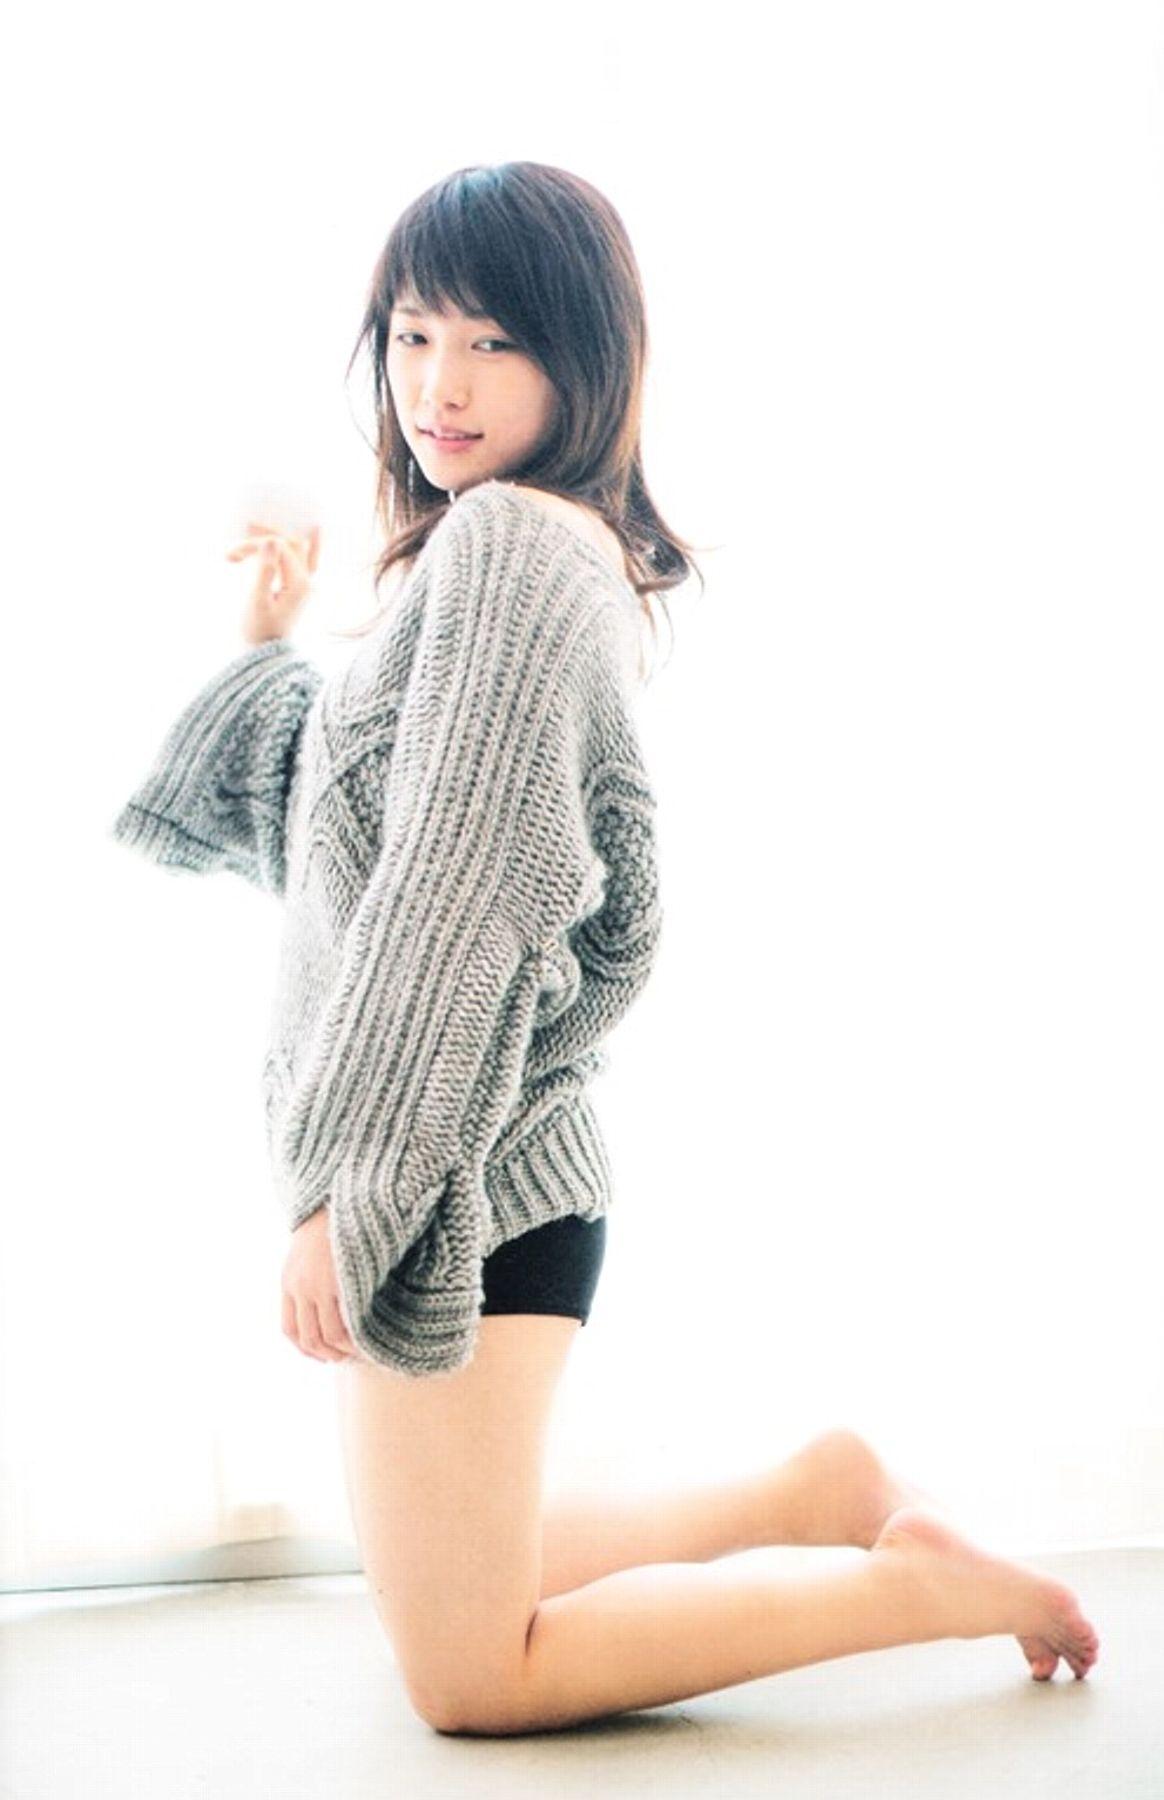 川栄李奈の画像 p1_38